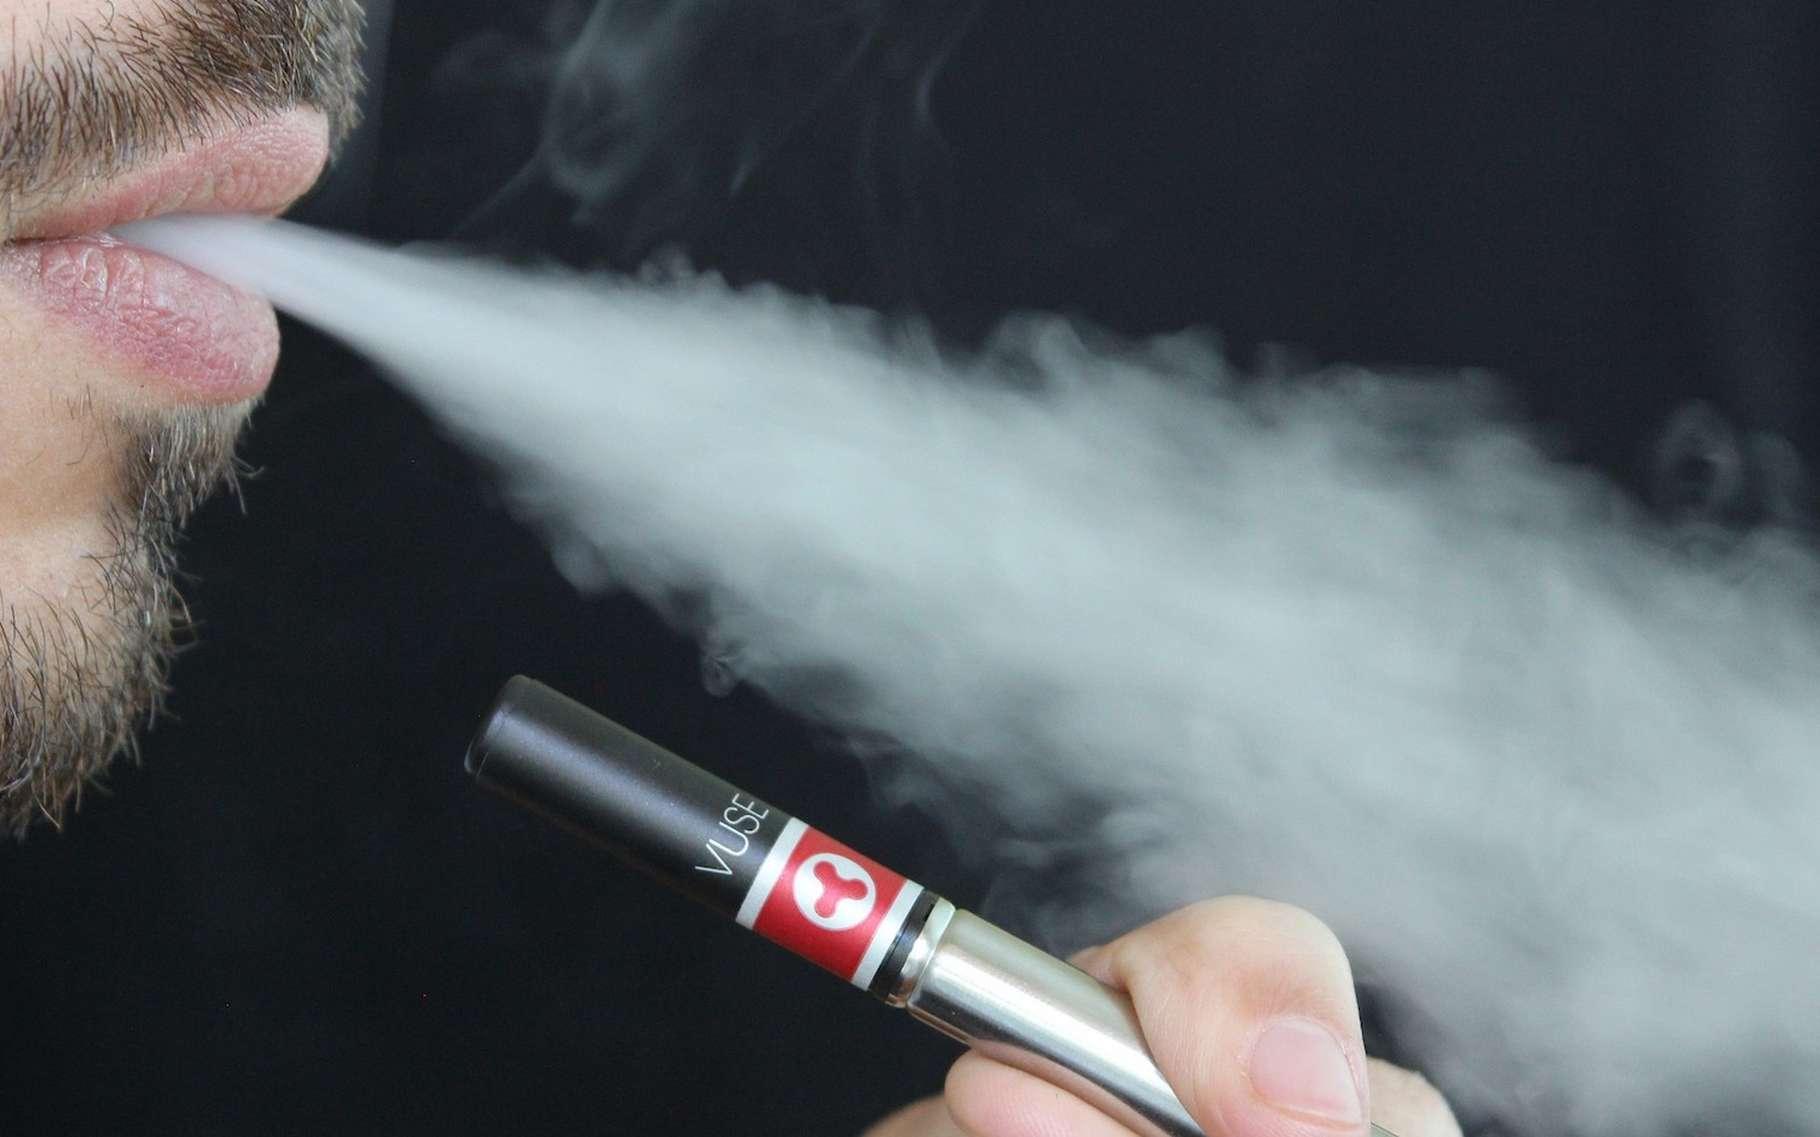 La cigarette électronique n'est pas sans effet sur la santé. D'autant que des chercheurs de l'université de Californie à Riverside (États-Unis) viennent de découvrir des métaux toxiques dans les vapeurs de certaines d'entre elles. © lindsayfox, Pixabay License